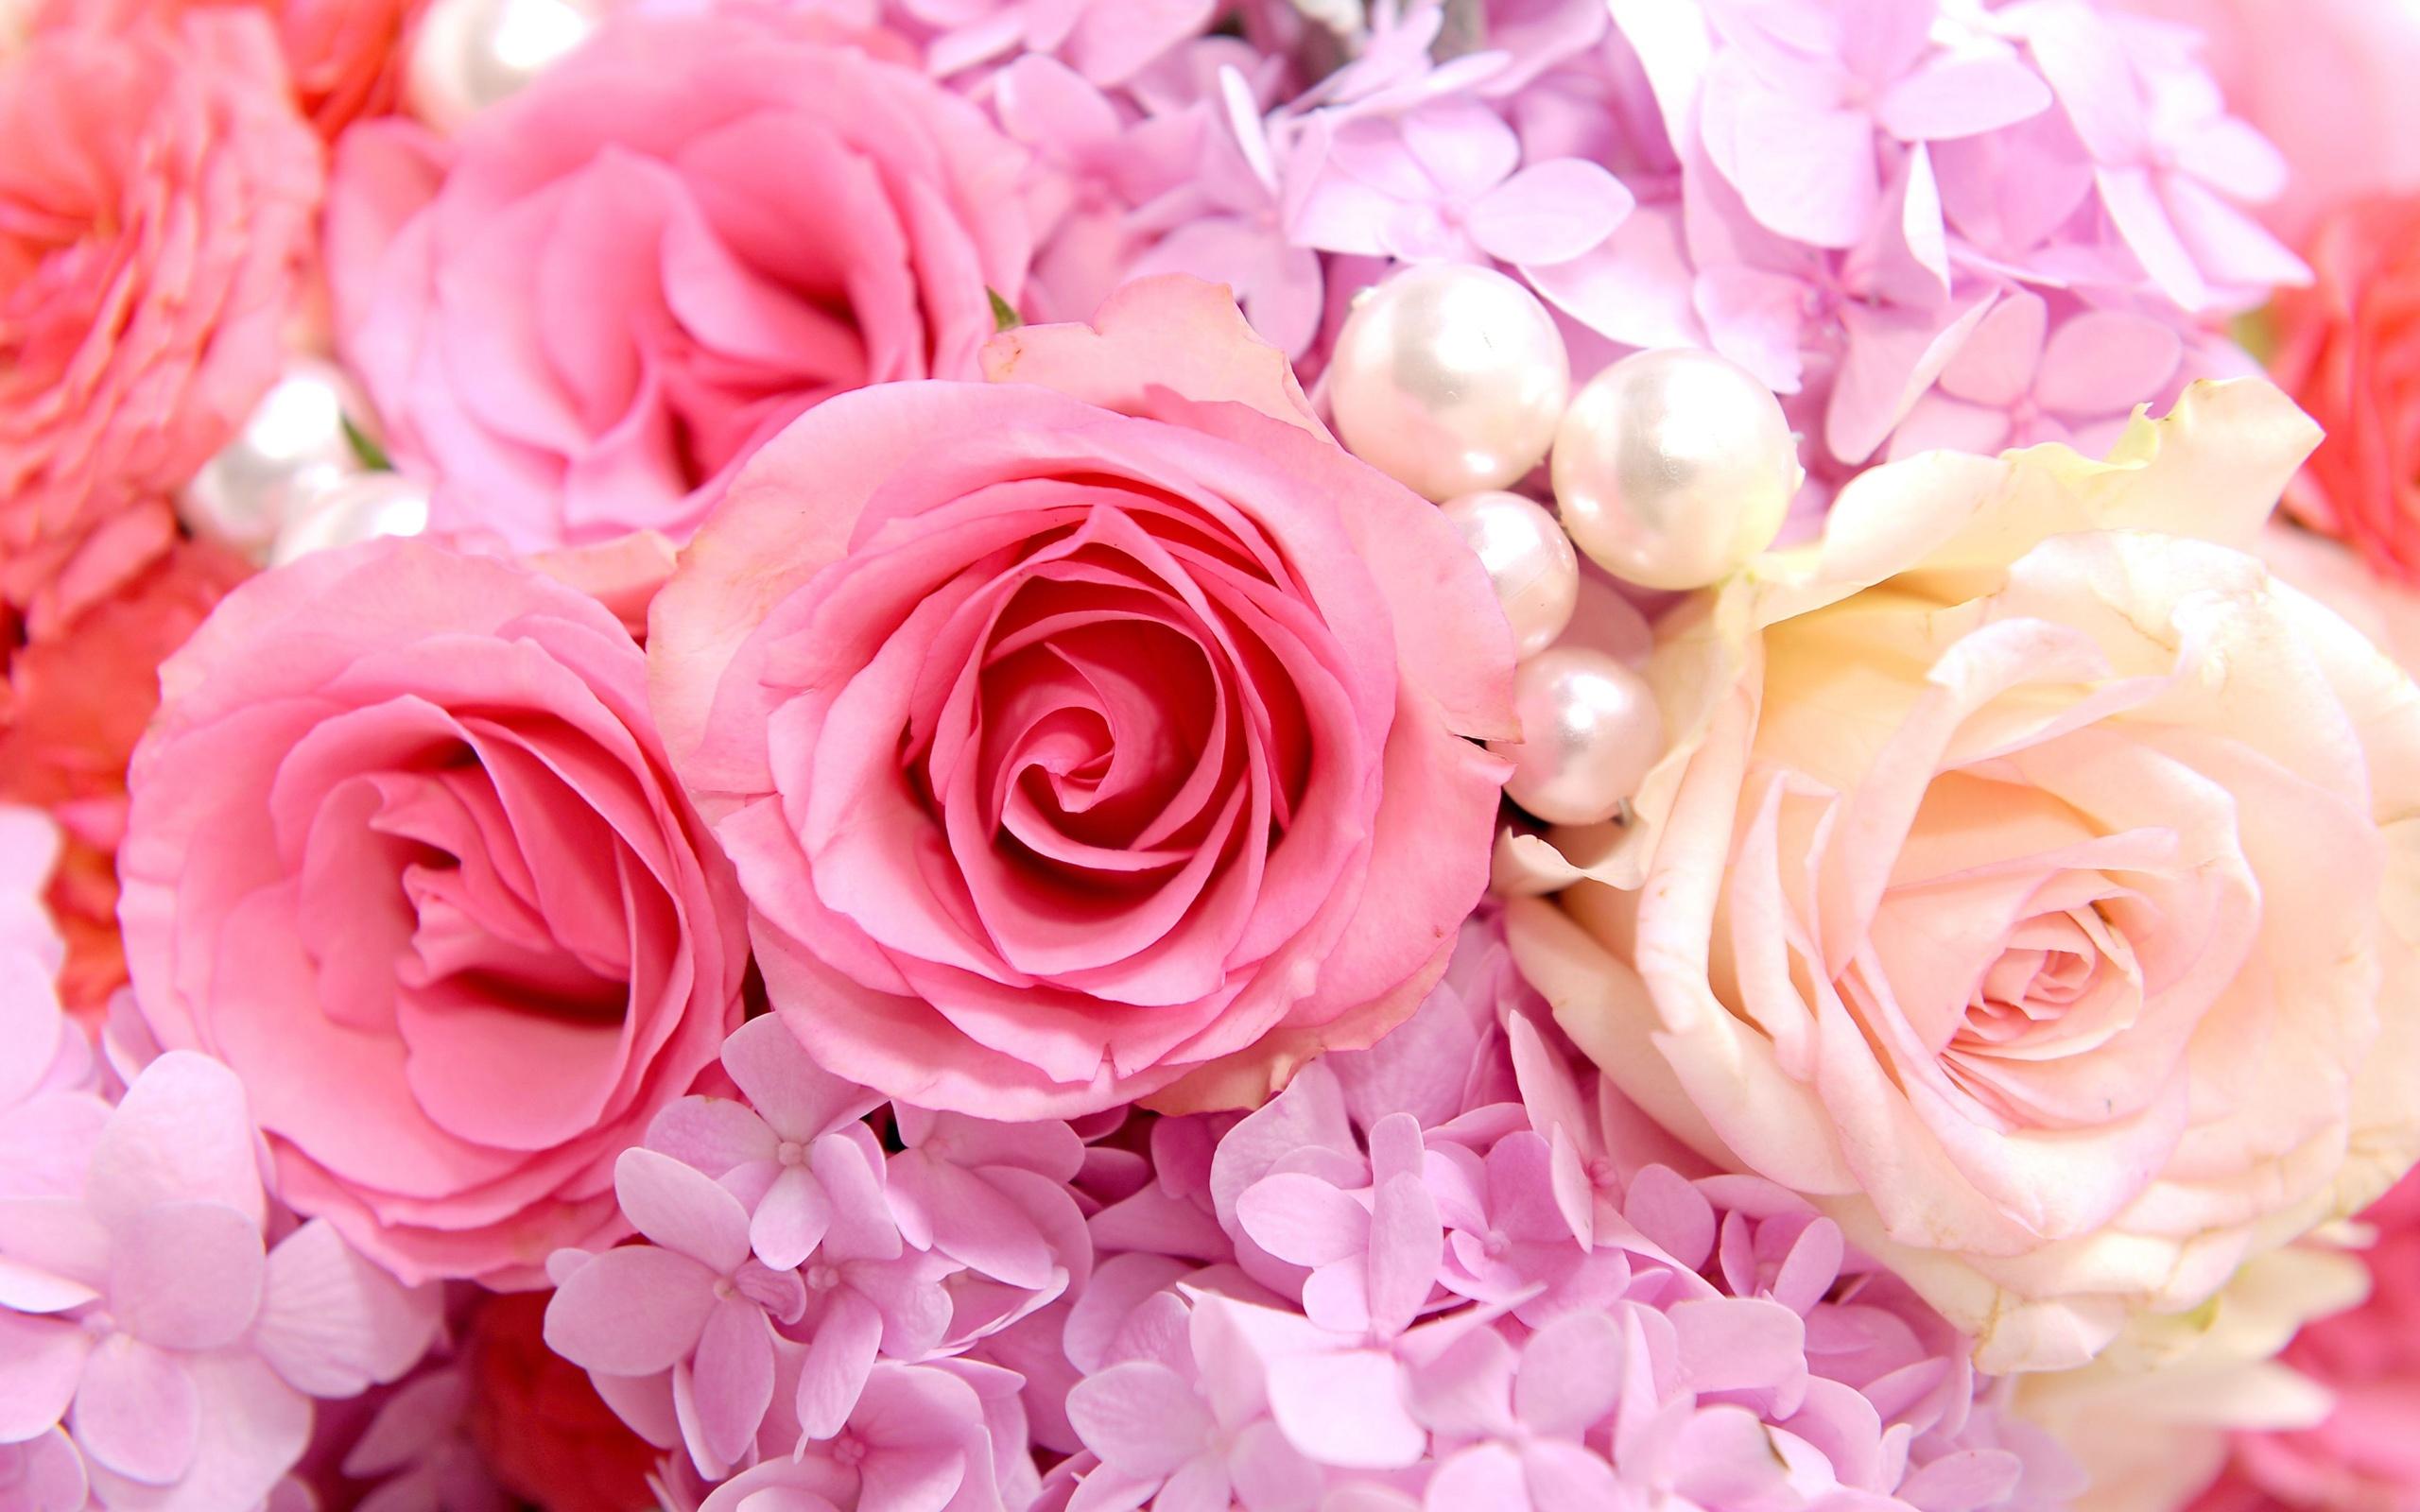 Обои 2560x1600 скачать обои розовые розы